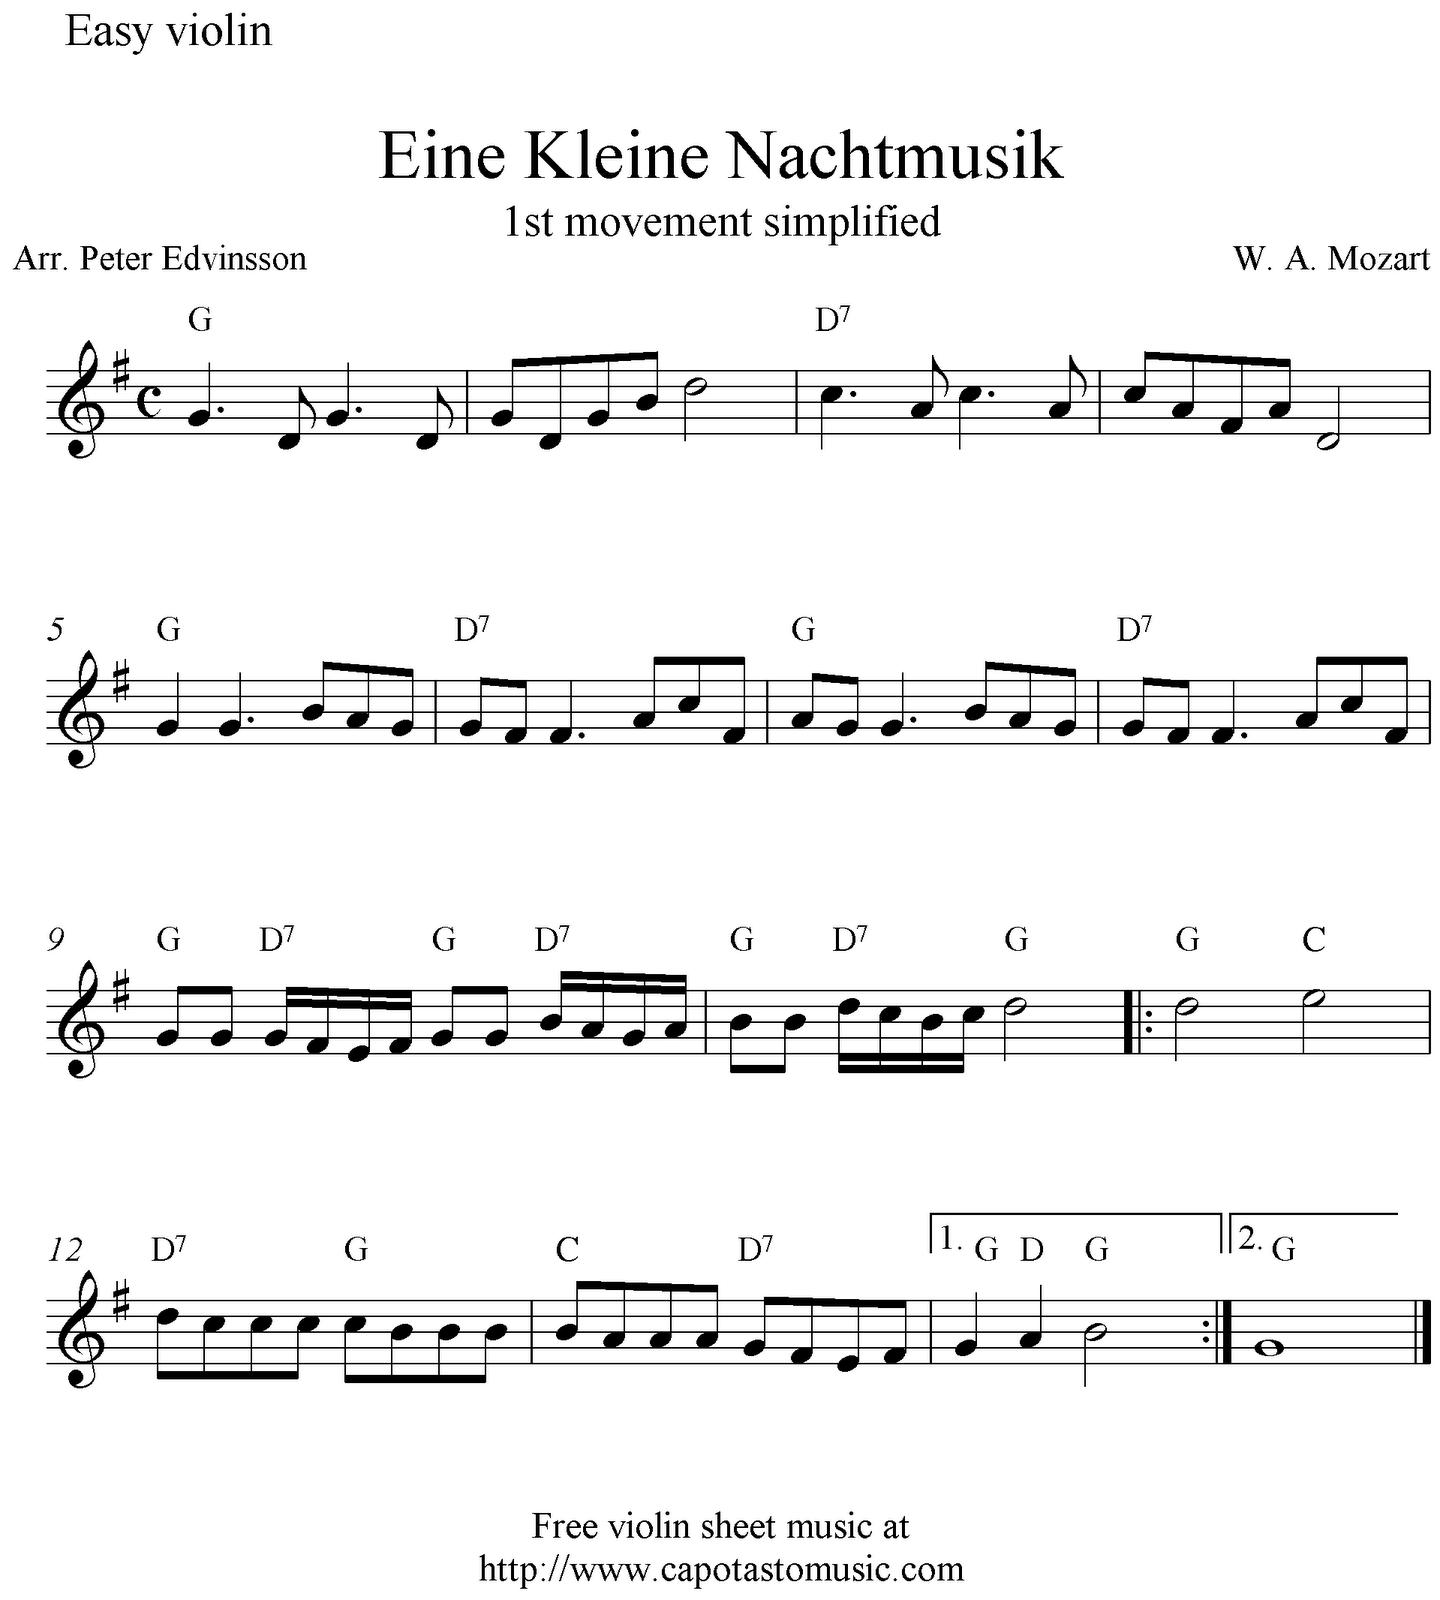 Eine Kleine Nachtmusik, Free Easy Violin Sheet Music Notes